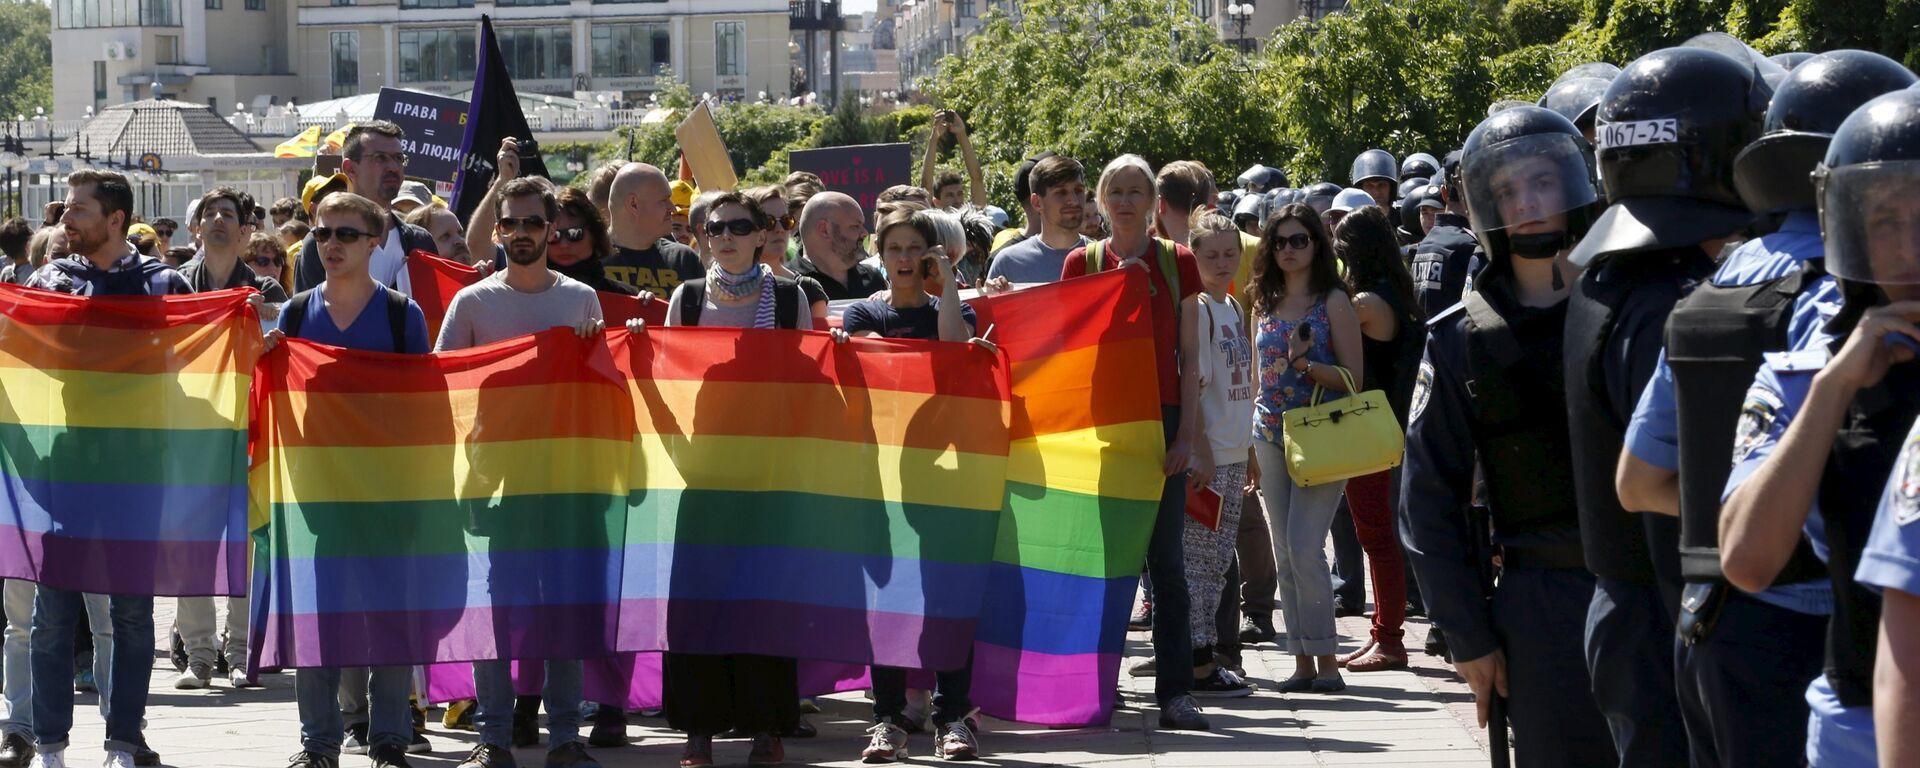 Parada Równości w Kijowie. - Sputnik Polska, 1920, 19.07.2021